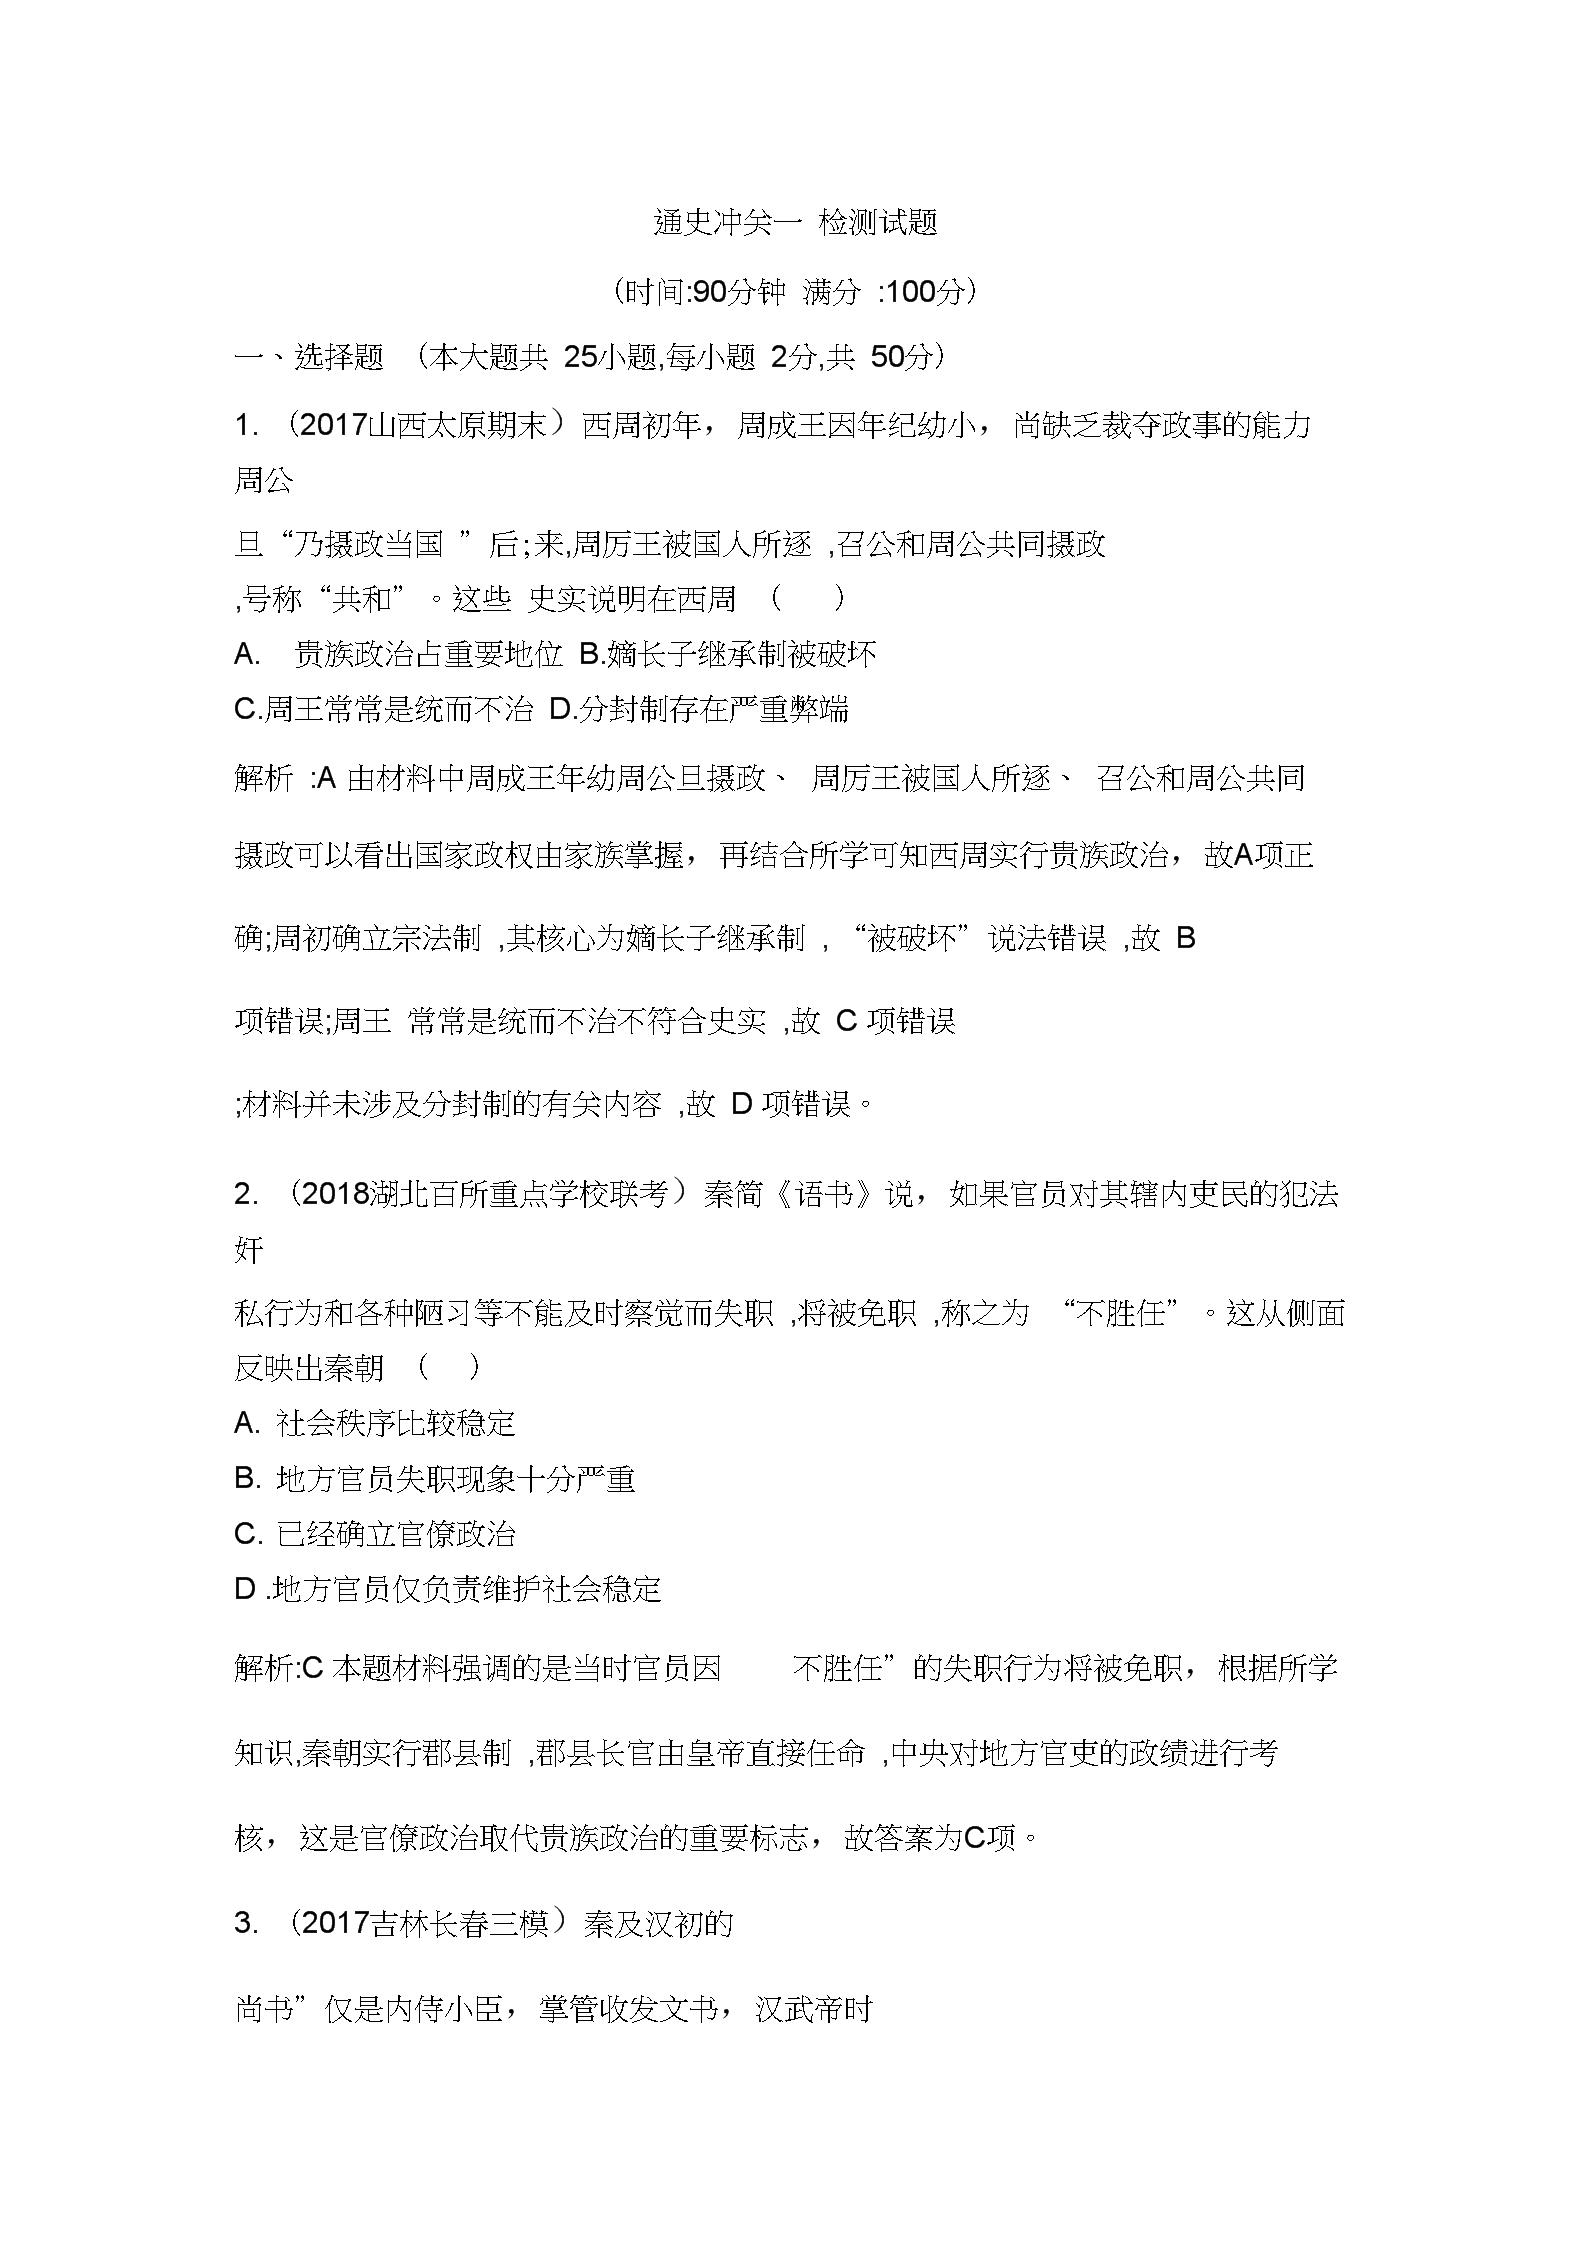 2019版高考历史一轮复习通史版:通史冲关一检测试题含解析.docx